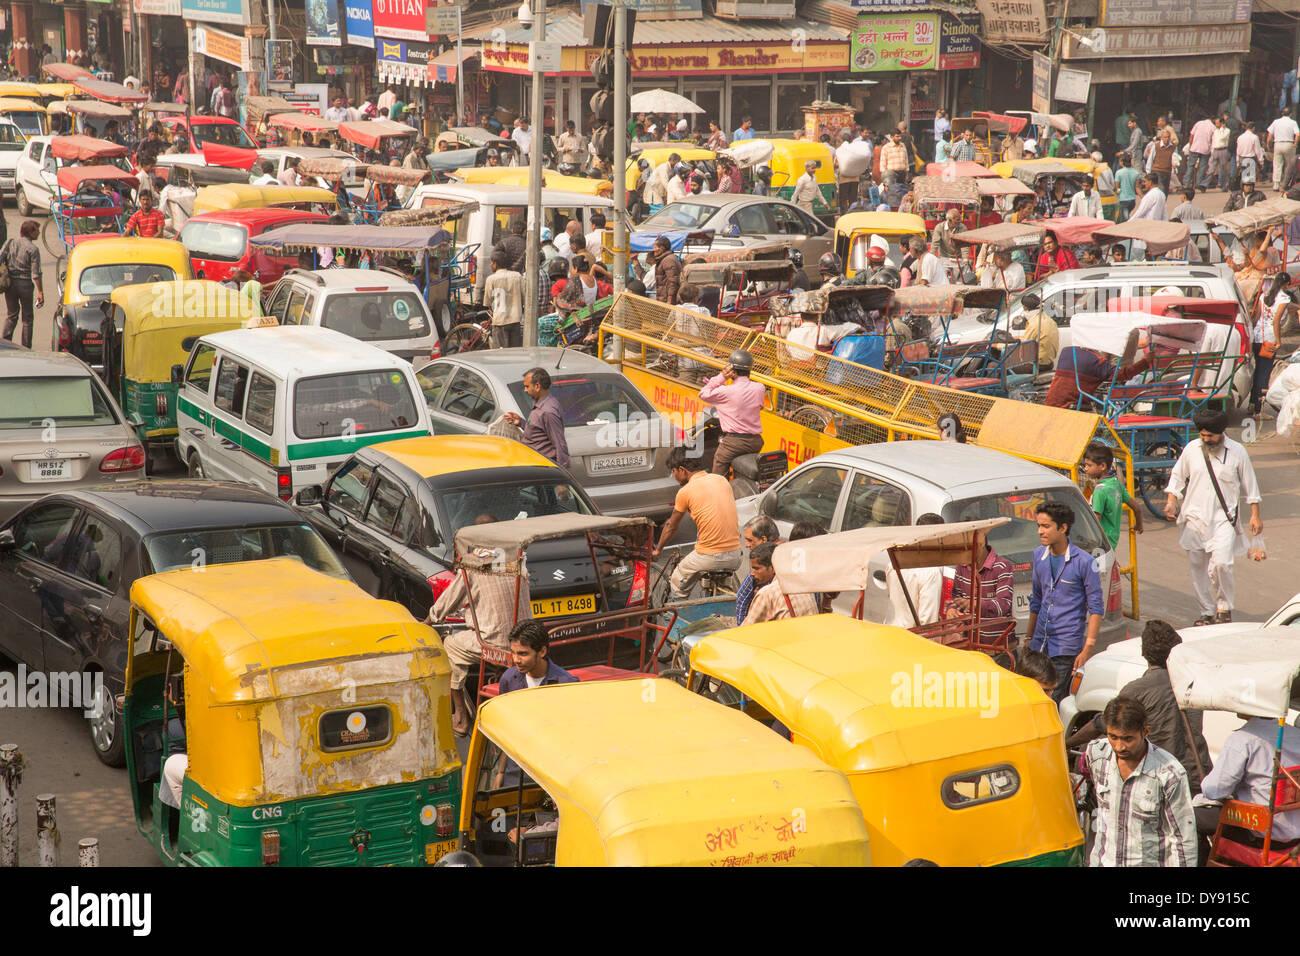 Trafic, Delhi, l'Asie, ville, ville, marché, voitures, automobiles, de nombreux embouteillages, Photo Stock